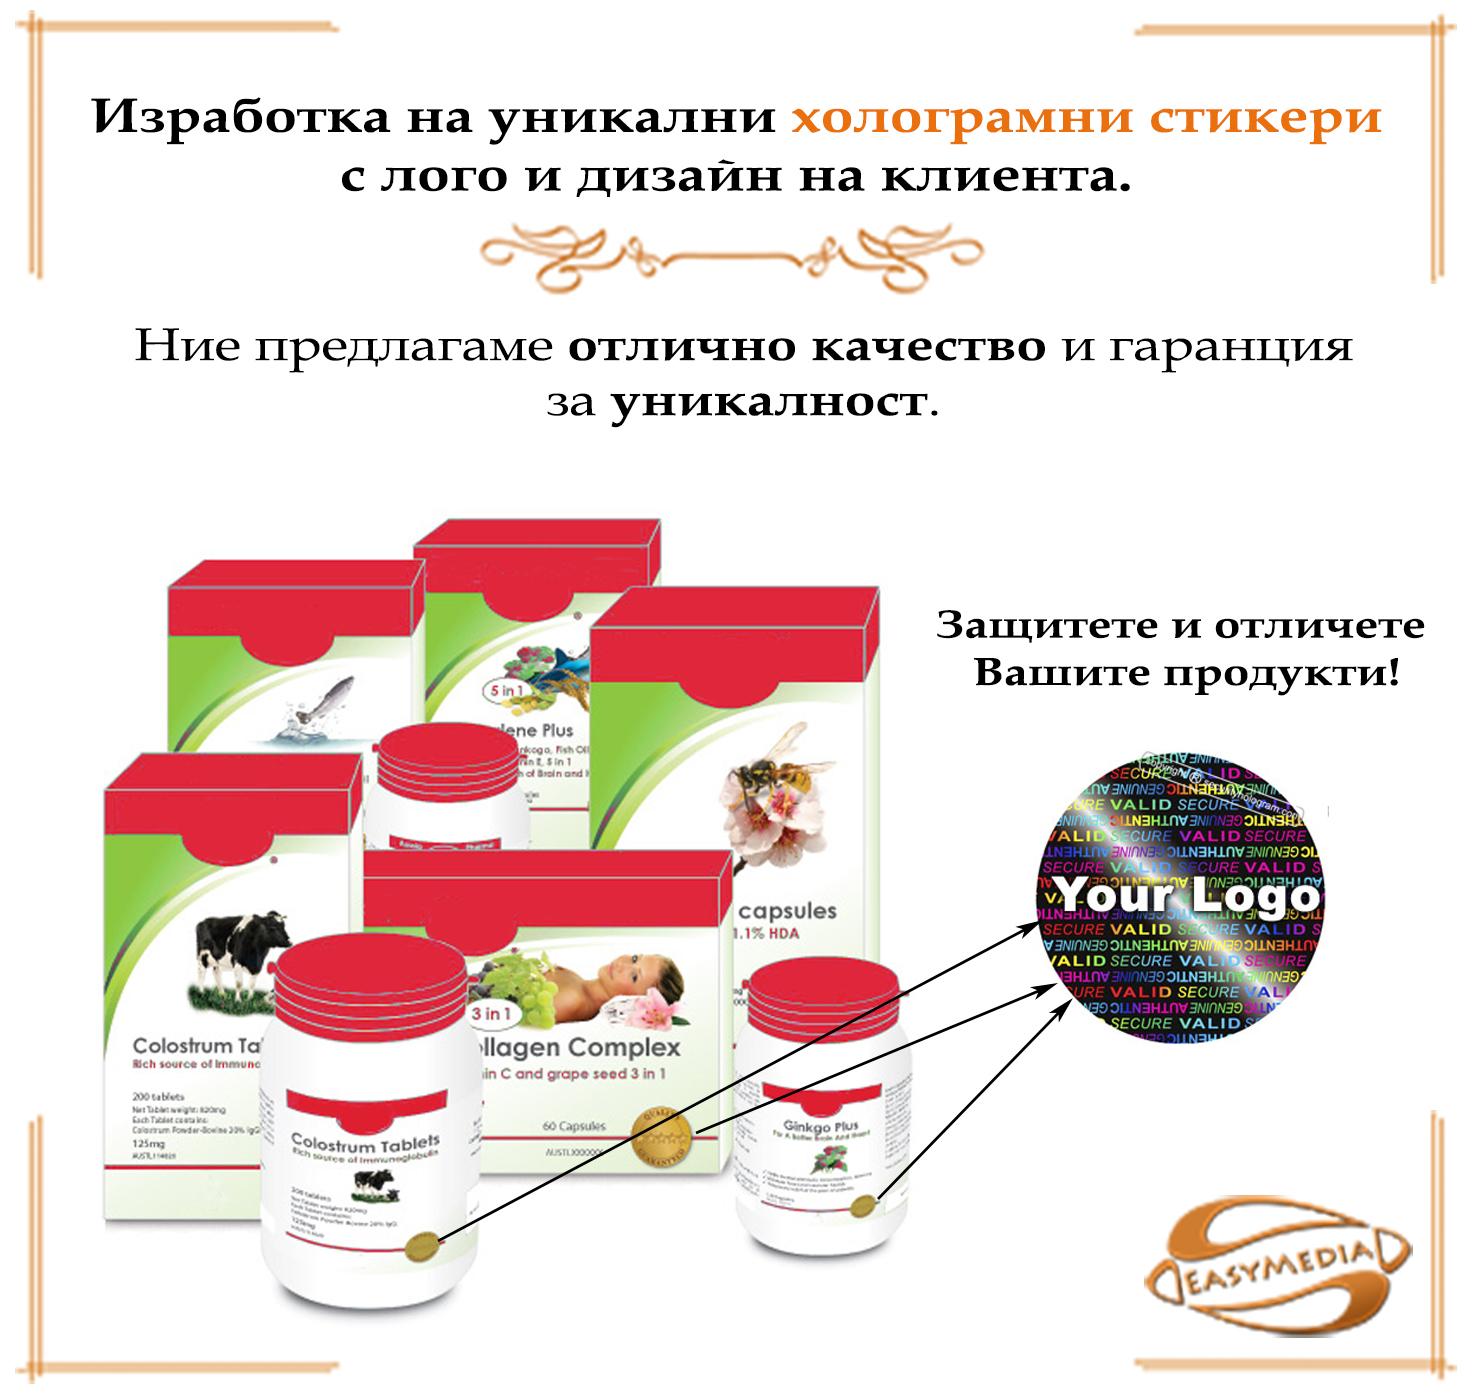 Холограмни стикери с дизайн на клиента